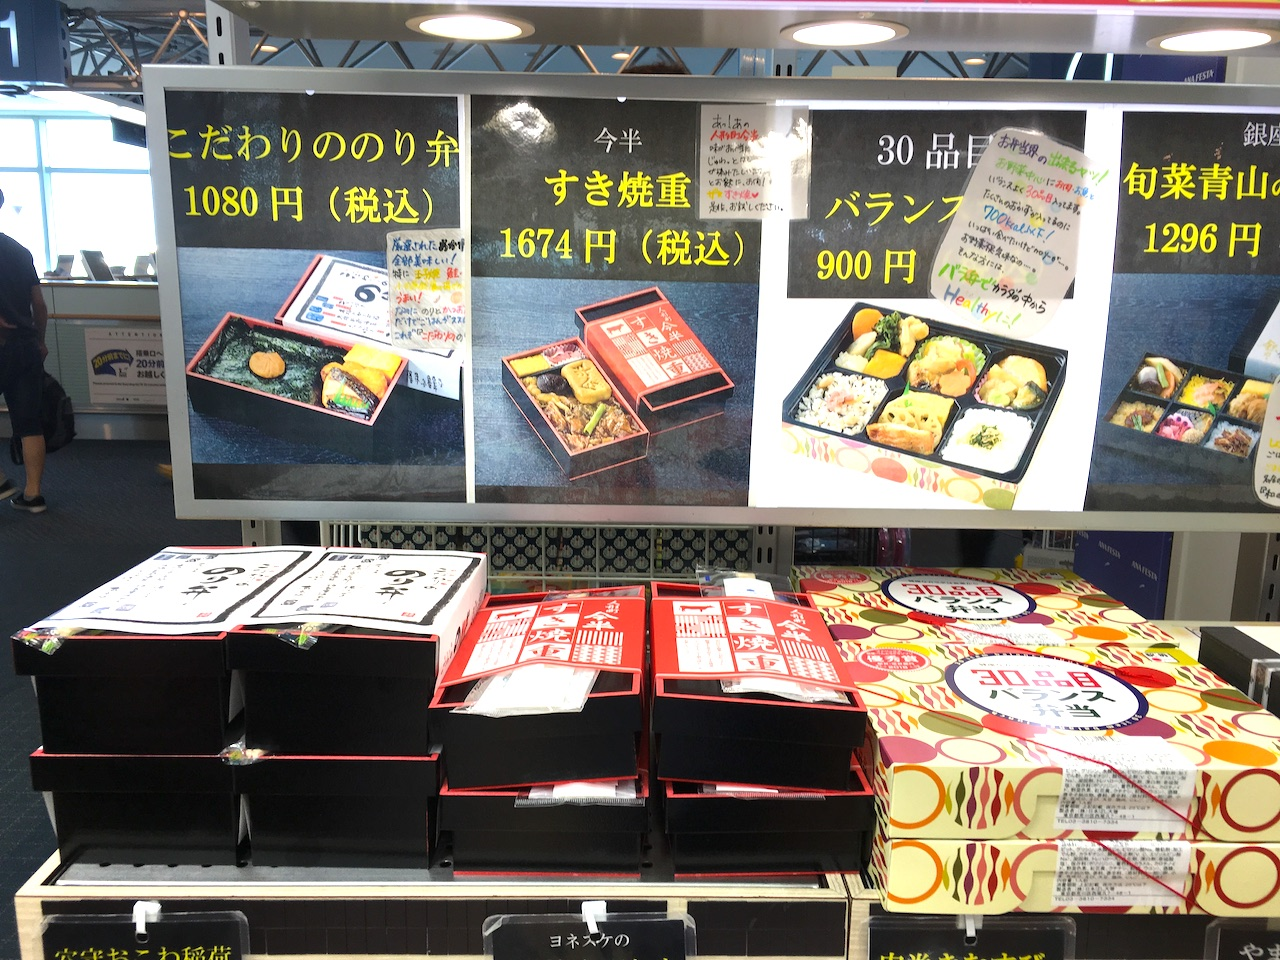 羽田空港国内線出発ロビー ANA FESTA 空弁コーナー1